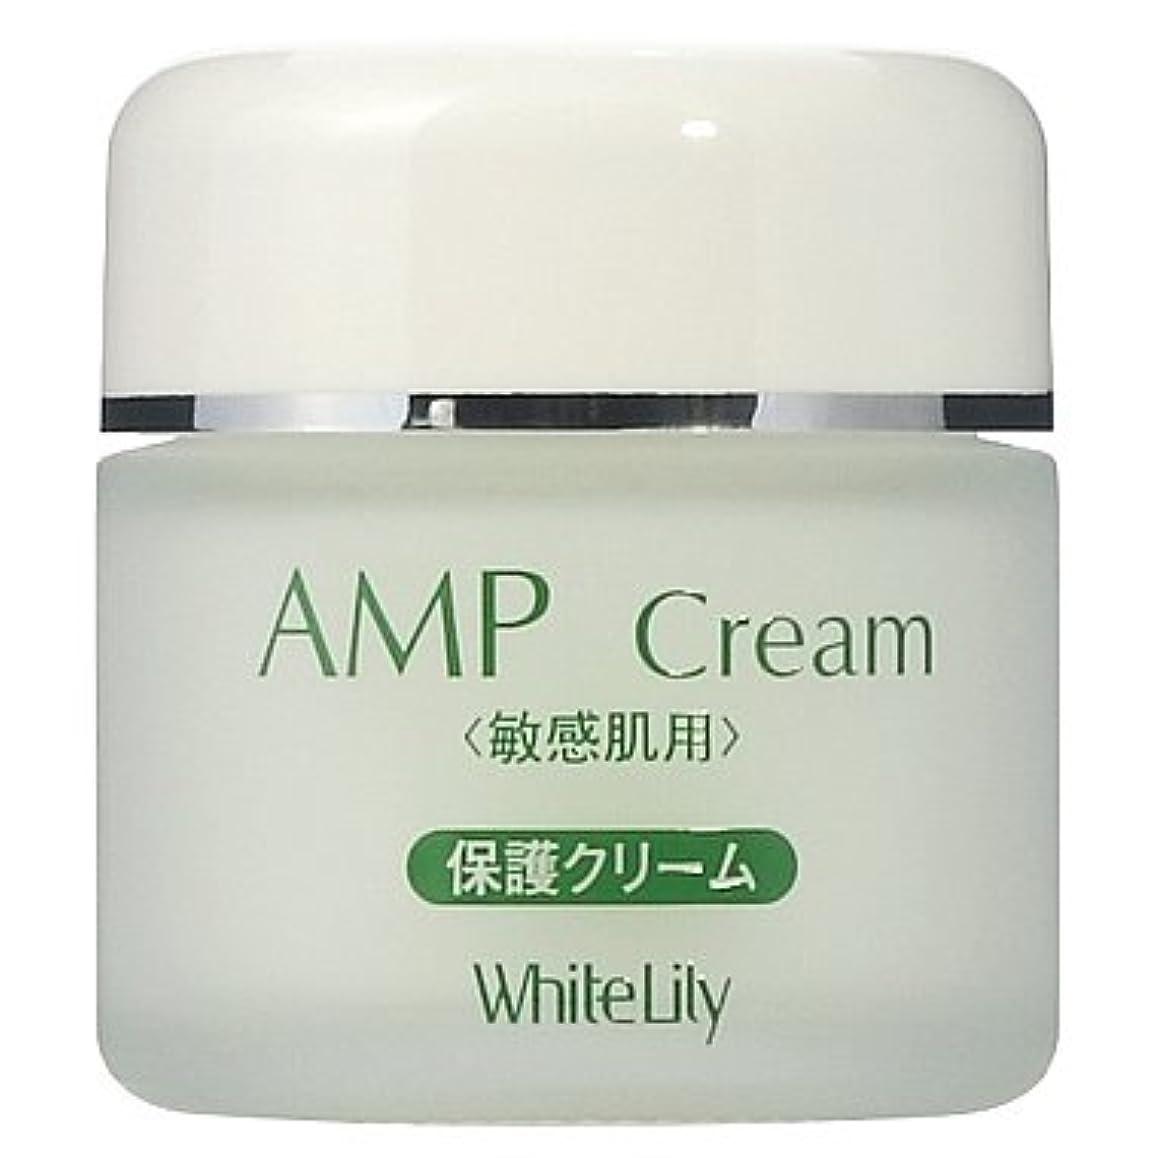 詩人セクションカリキュラムホワイトリリー AMPクリーム 40g クリーム